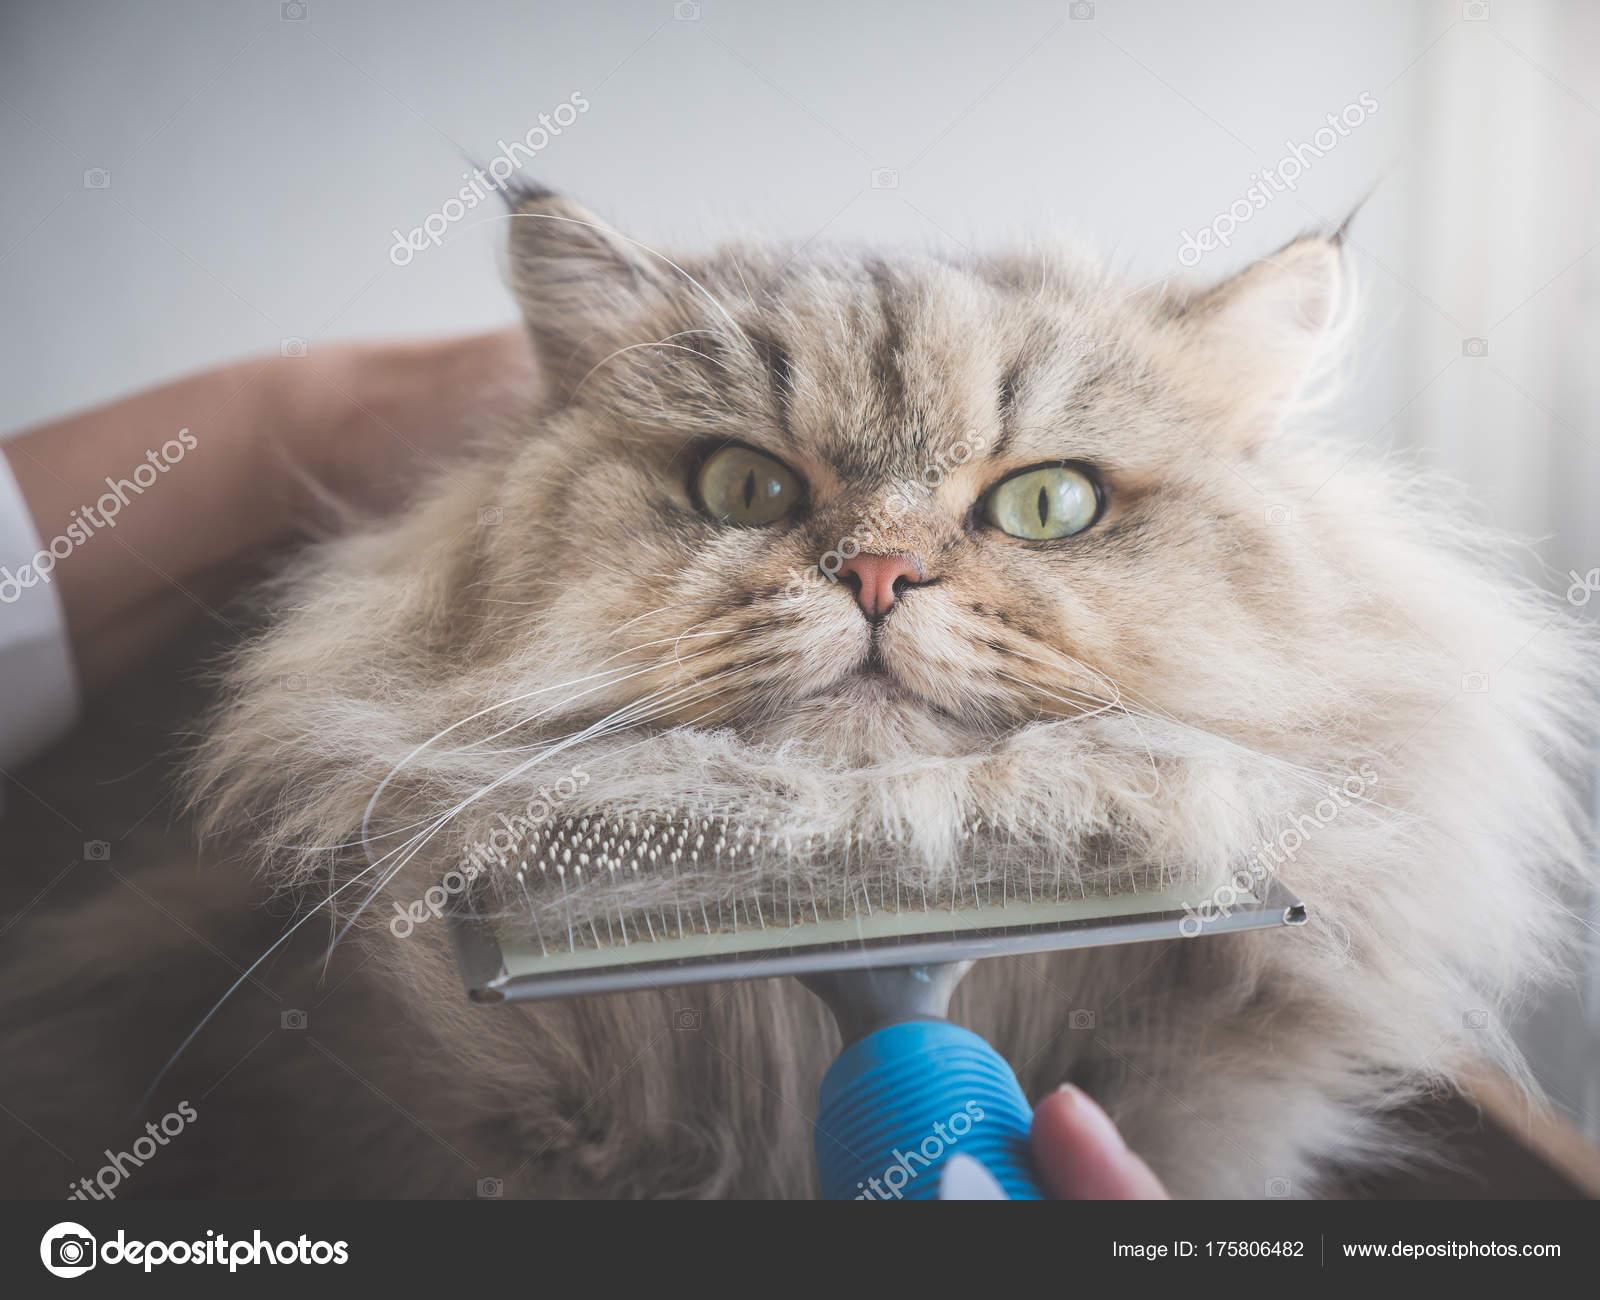 Gato Persa Asiatico Mujer Asiatica Con Cepillo Peine Gato Persa